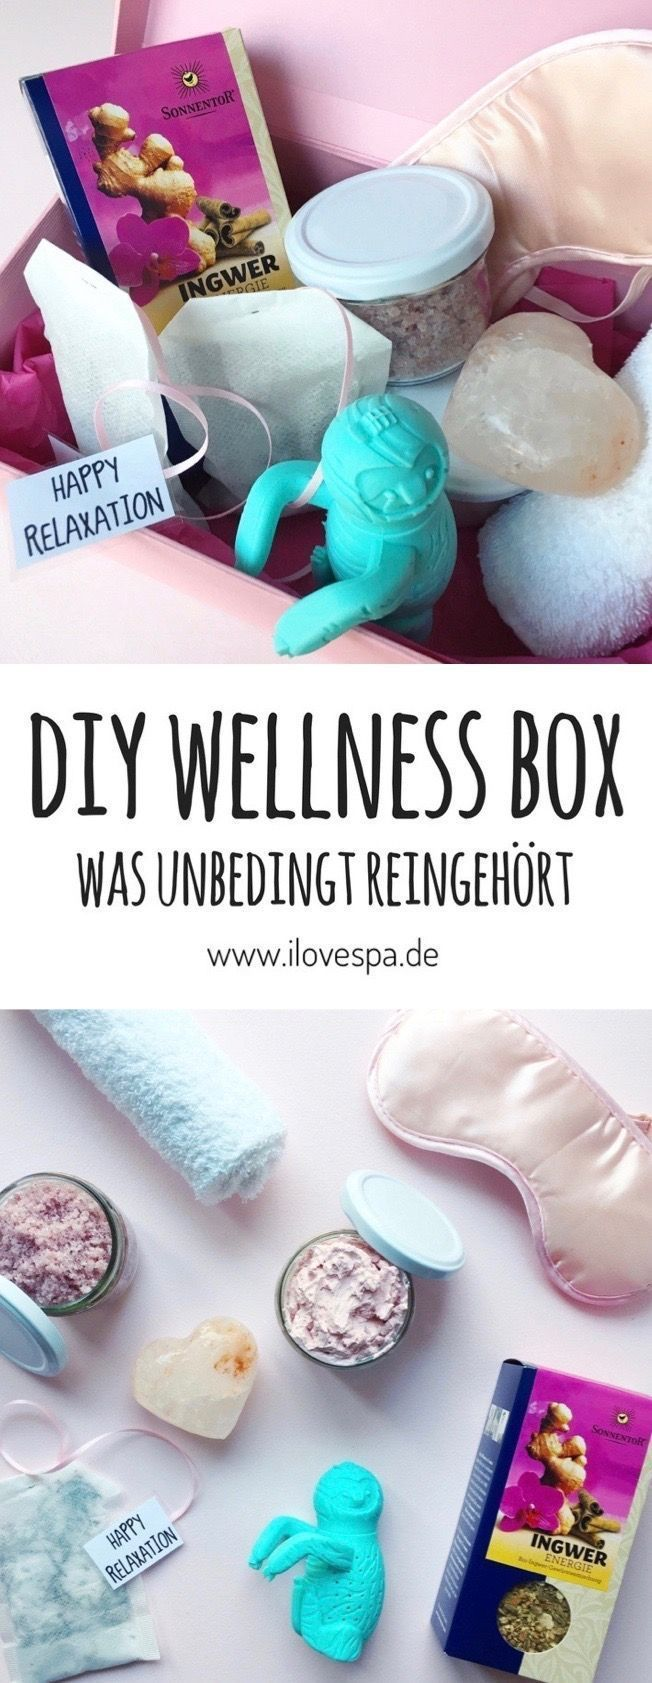 DIY Wellness Box - das perfekte Wellness Geschenk selber machen ...